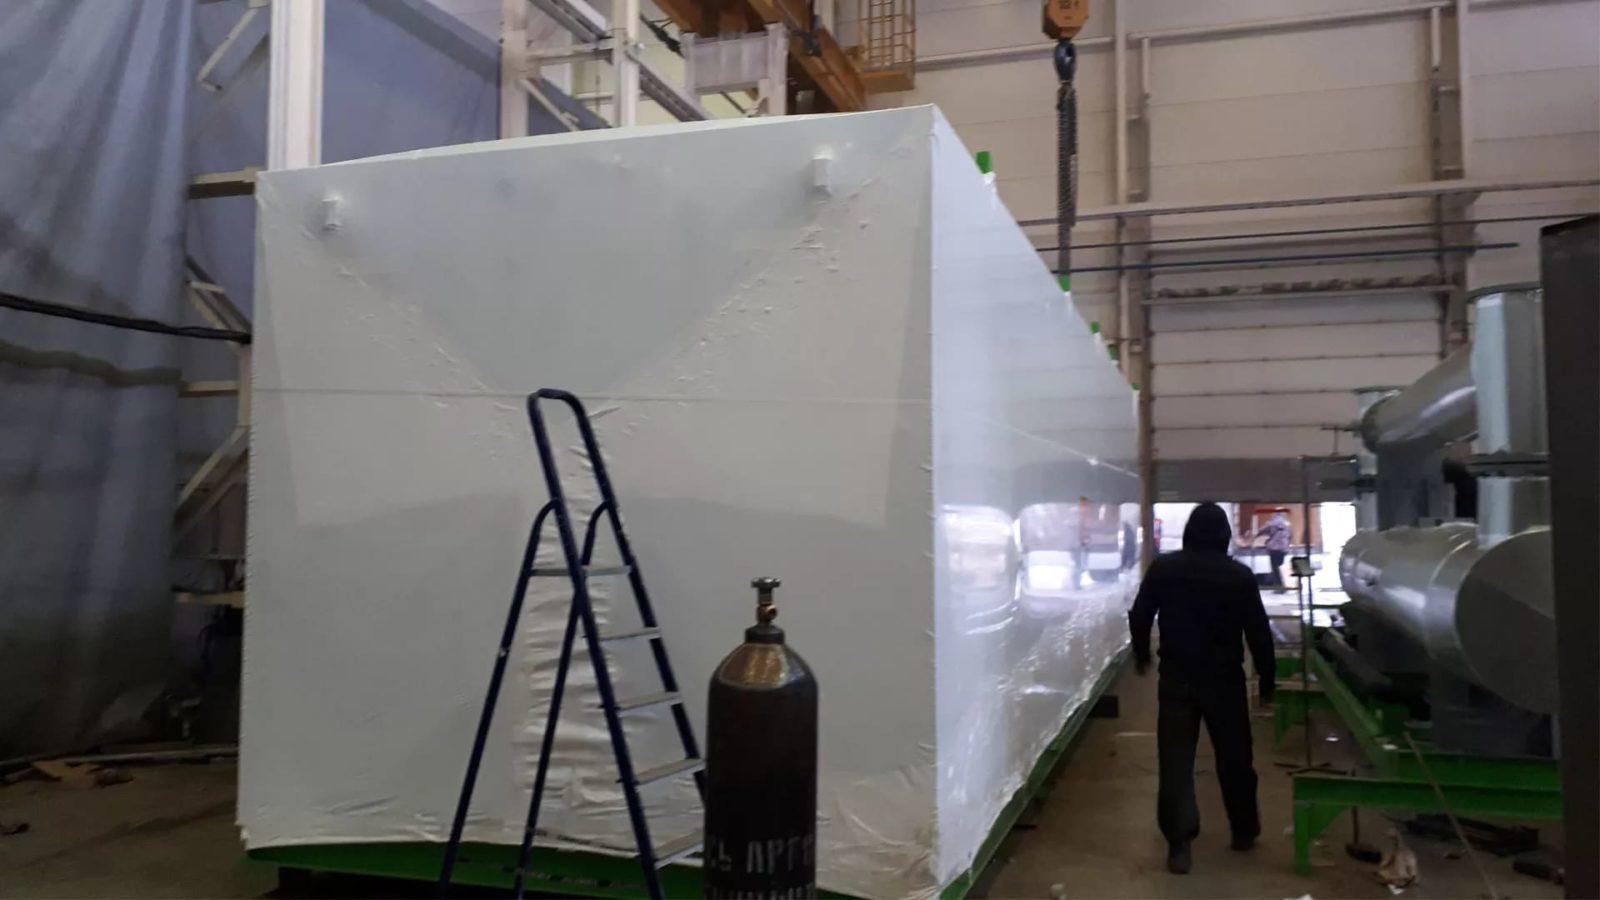 Для защиты крупногабаритного оборудования на время транспортировки, FastPack произвел упаковку в промышленную термоусадочную пленку.